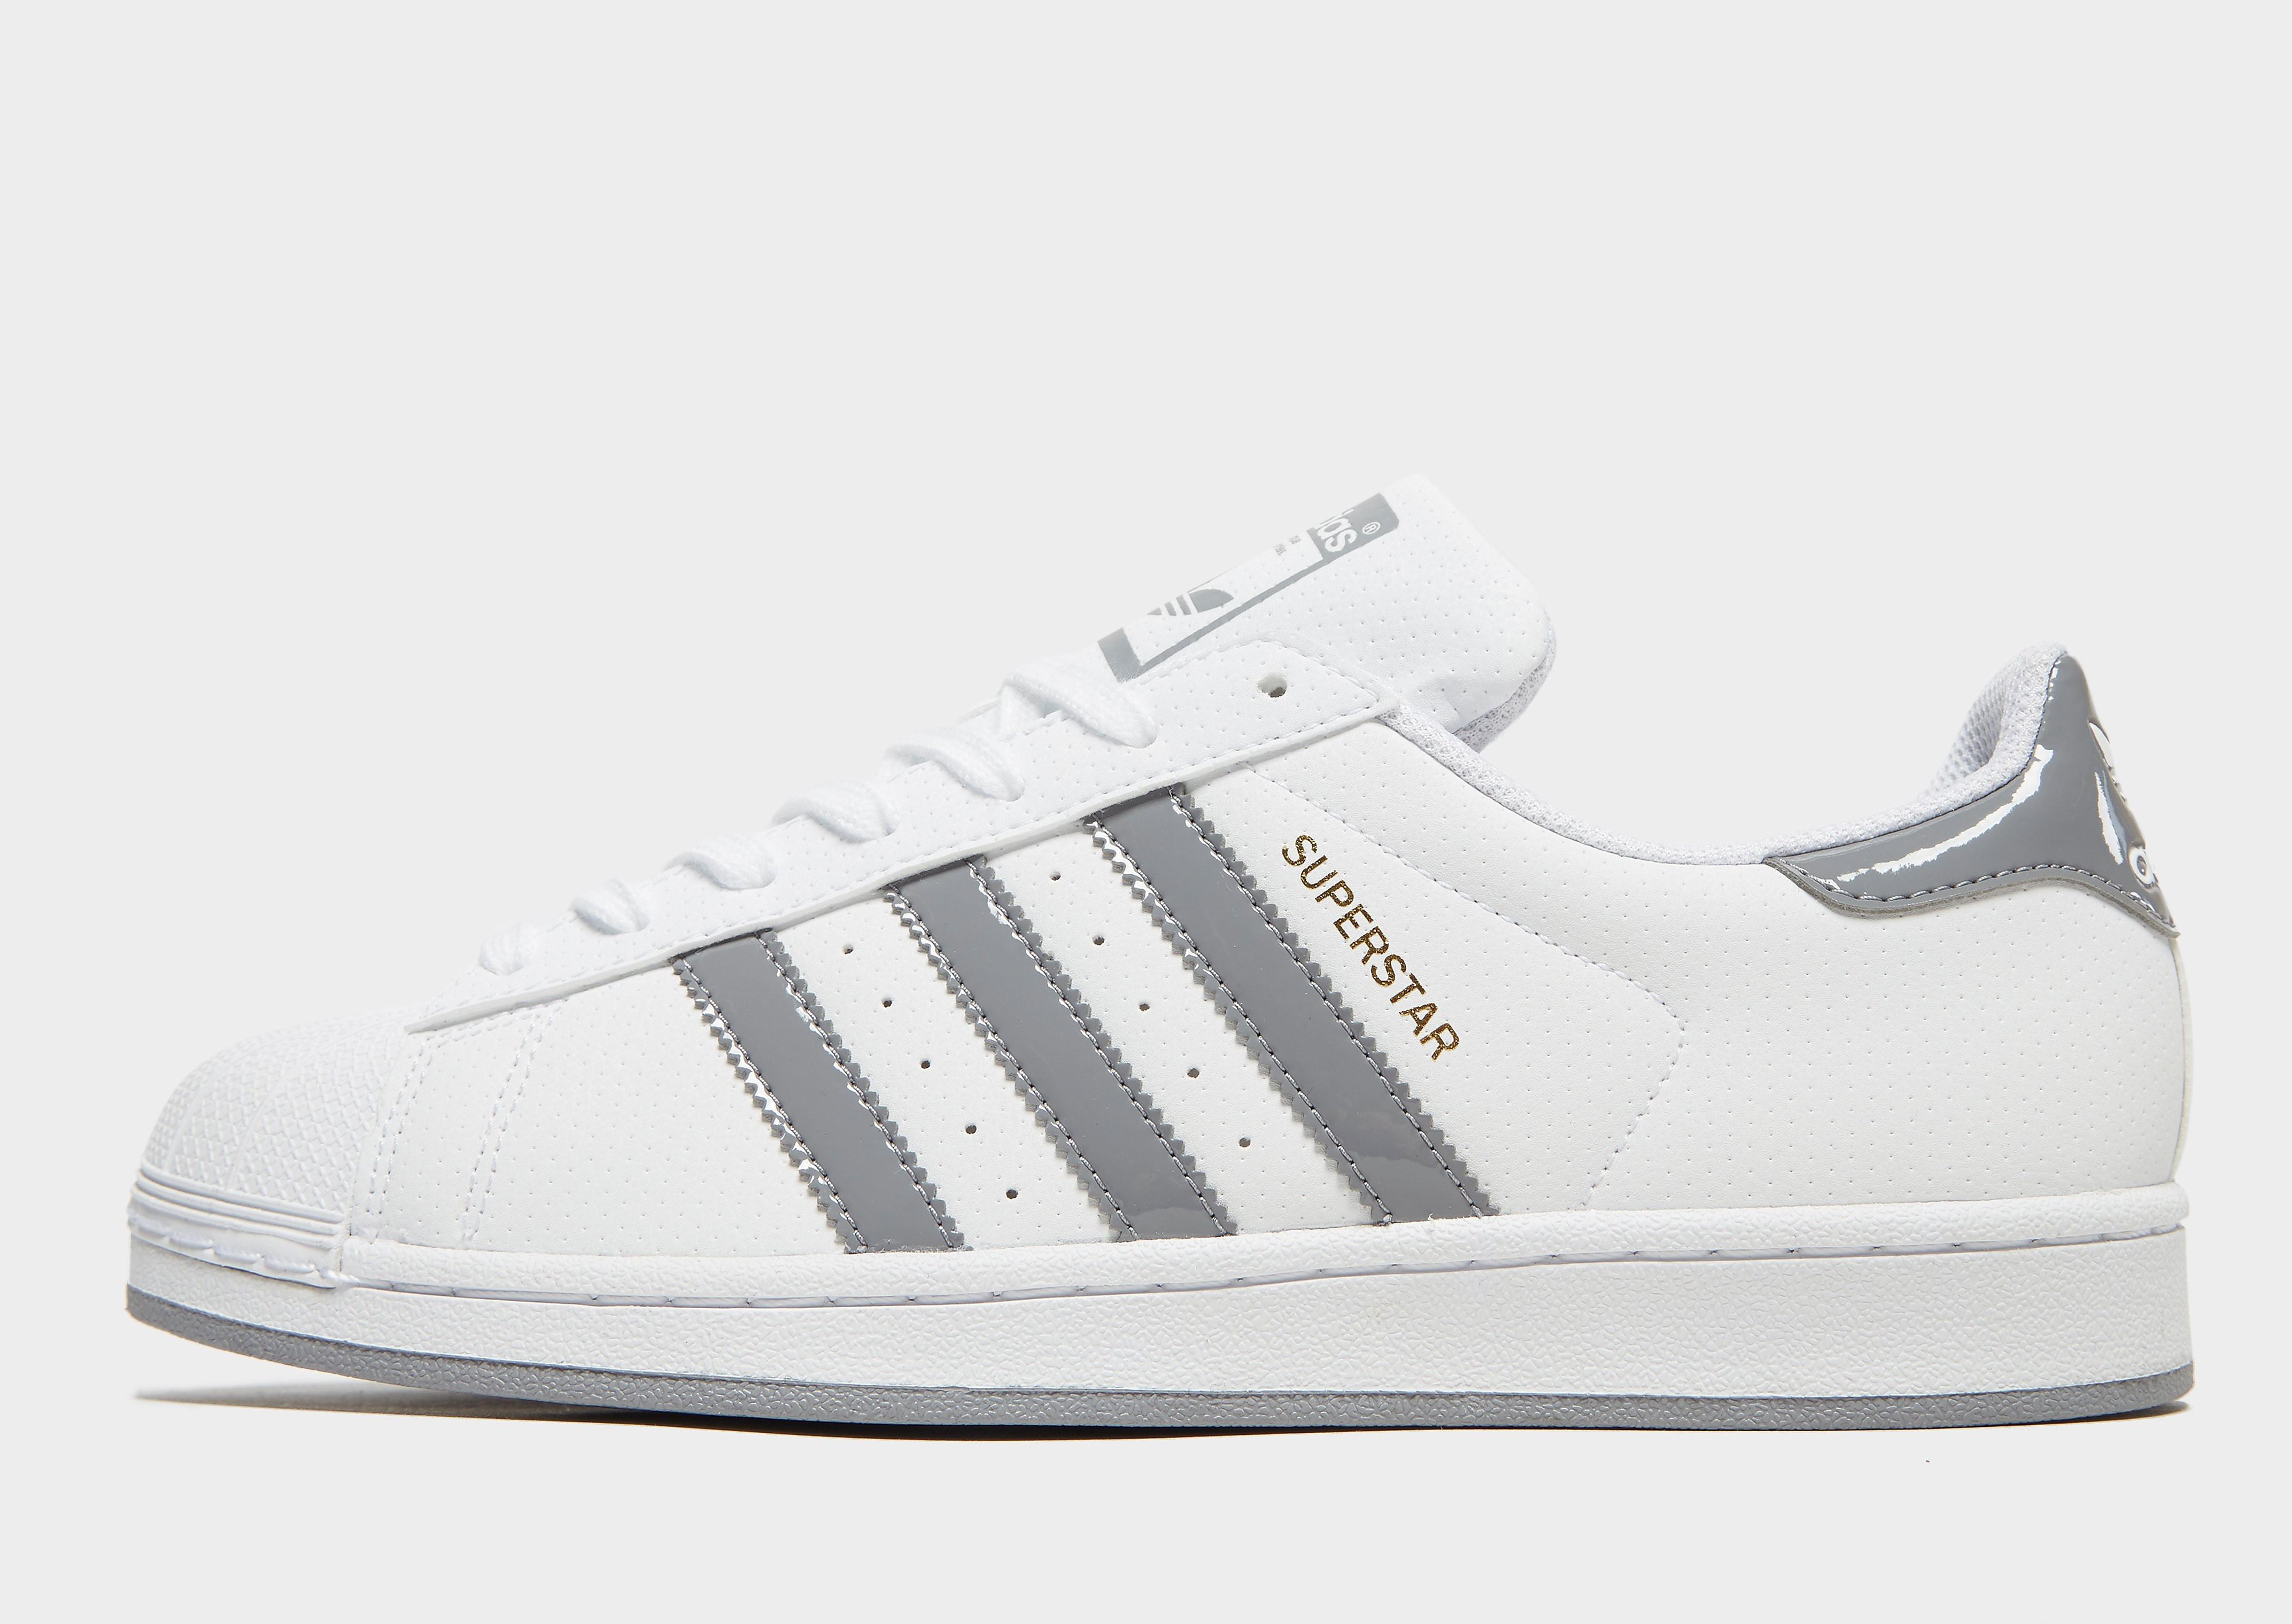 0bee9aa7d1d Adidas Superstar sneakers kopen? | +500 modellen - theSneaker.nl